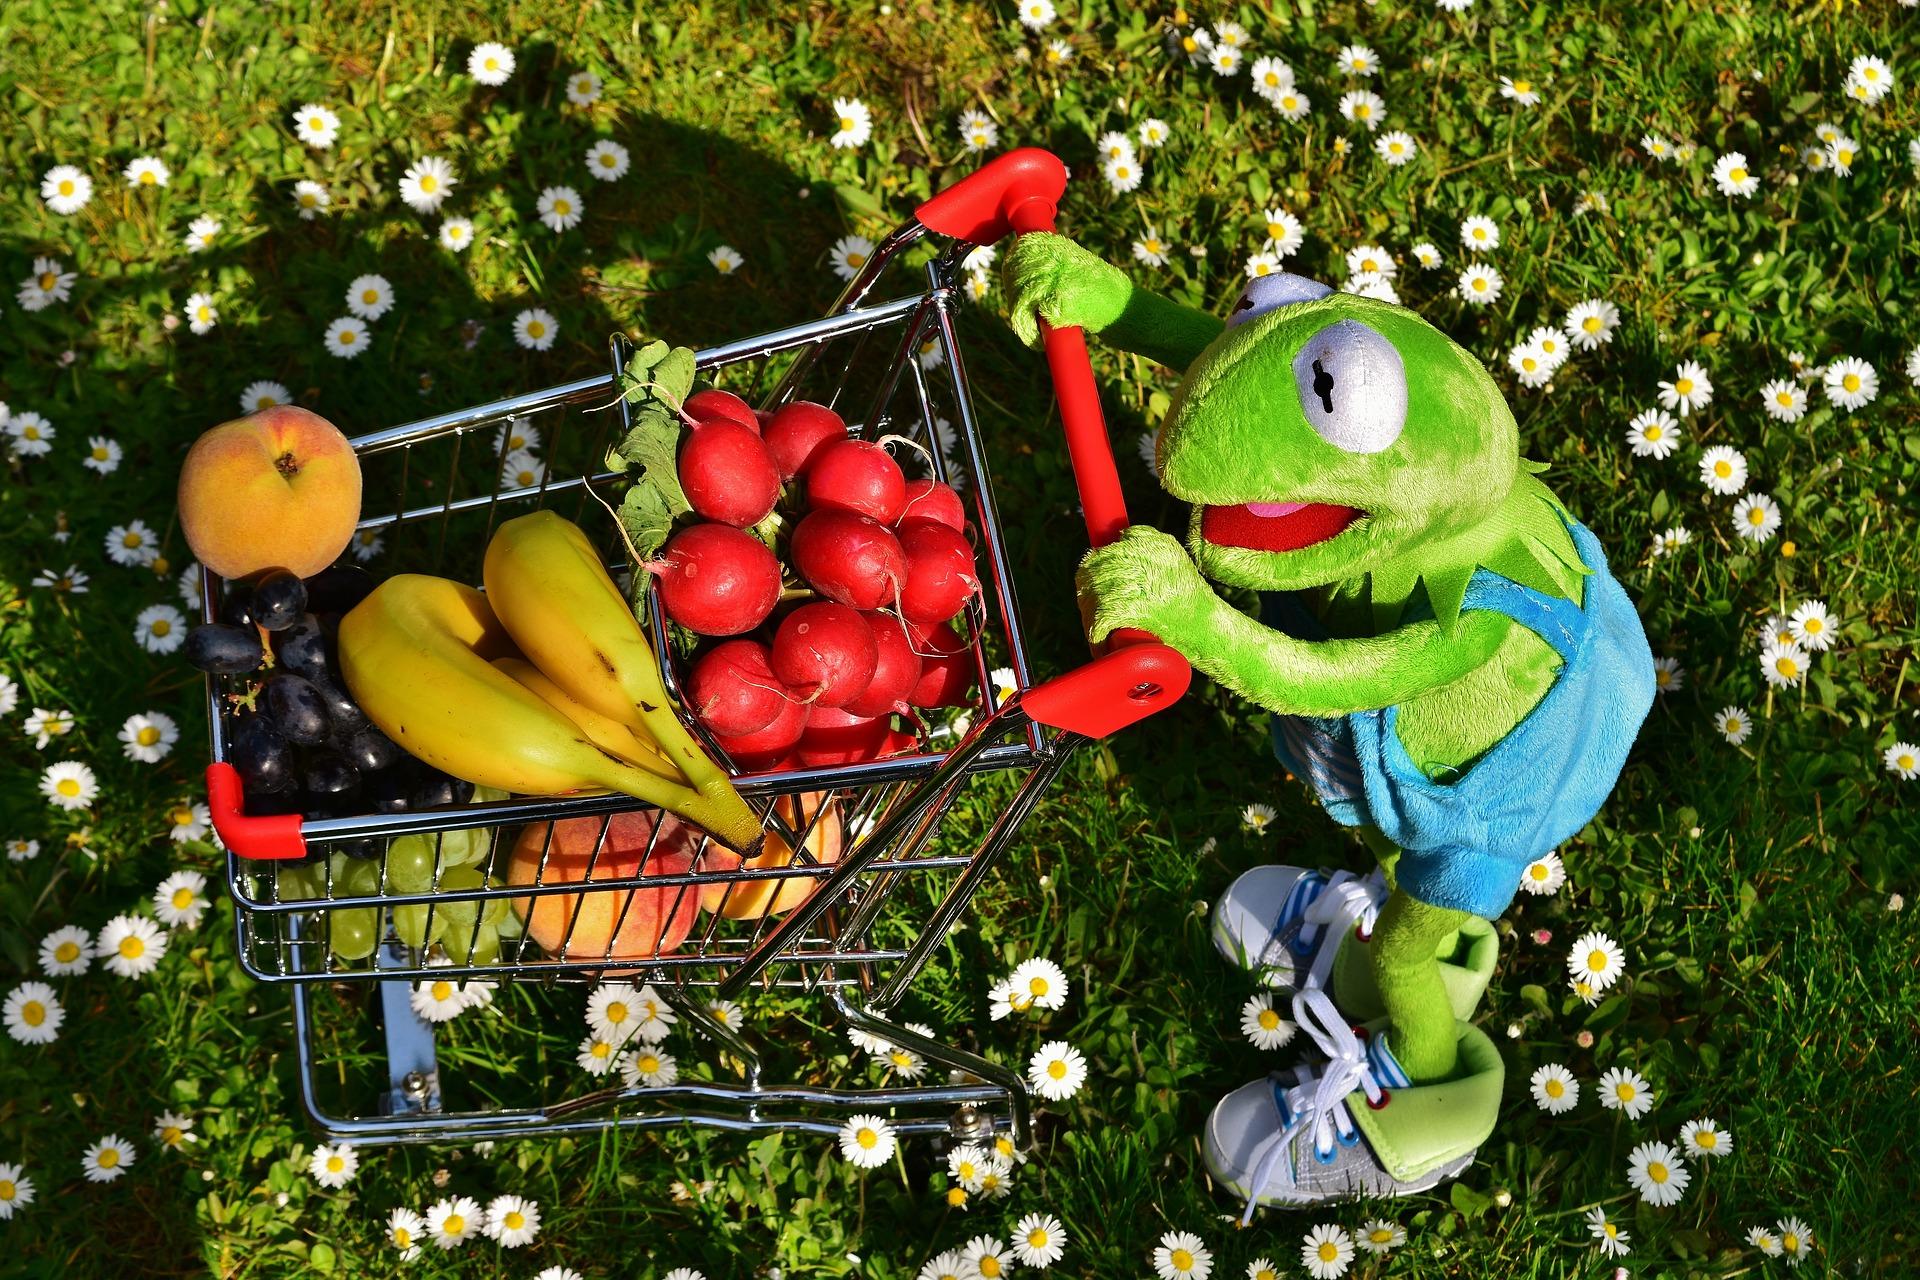 Kermit mit Einkaufswagen